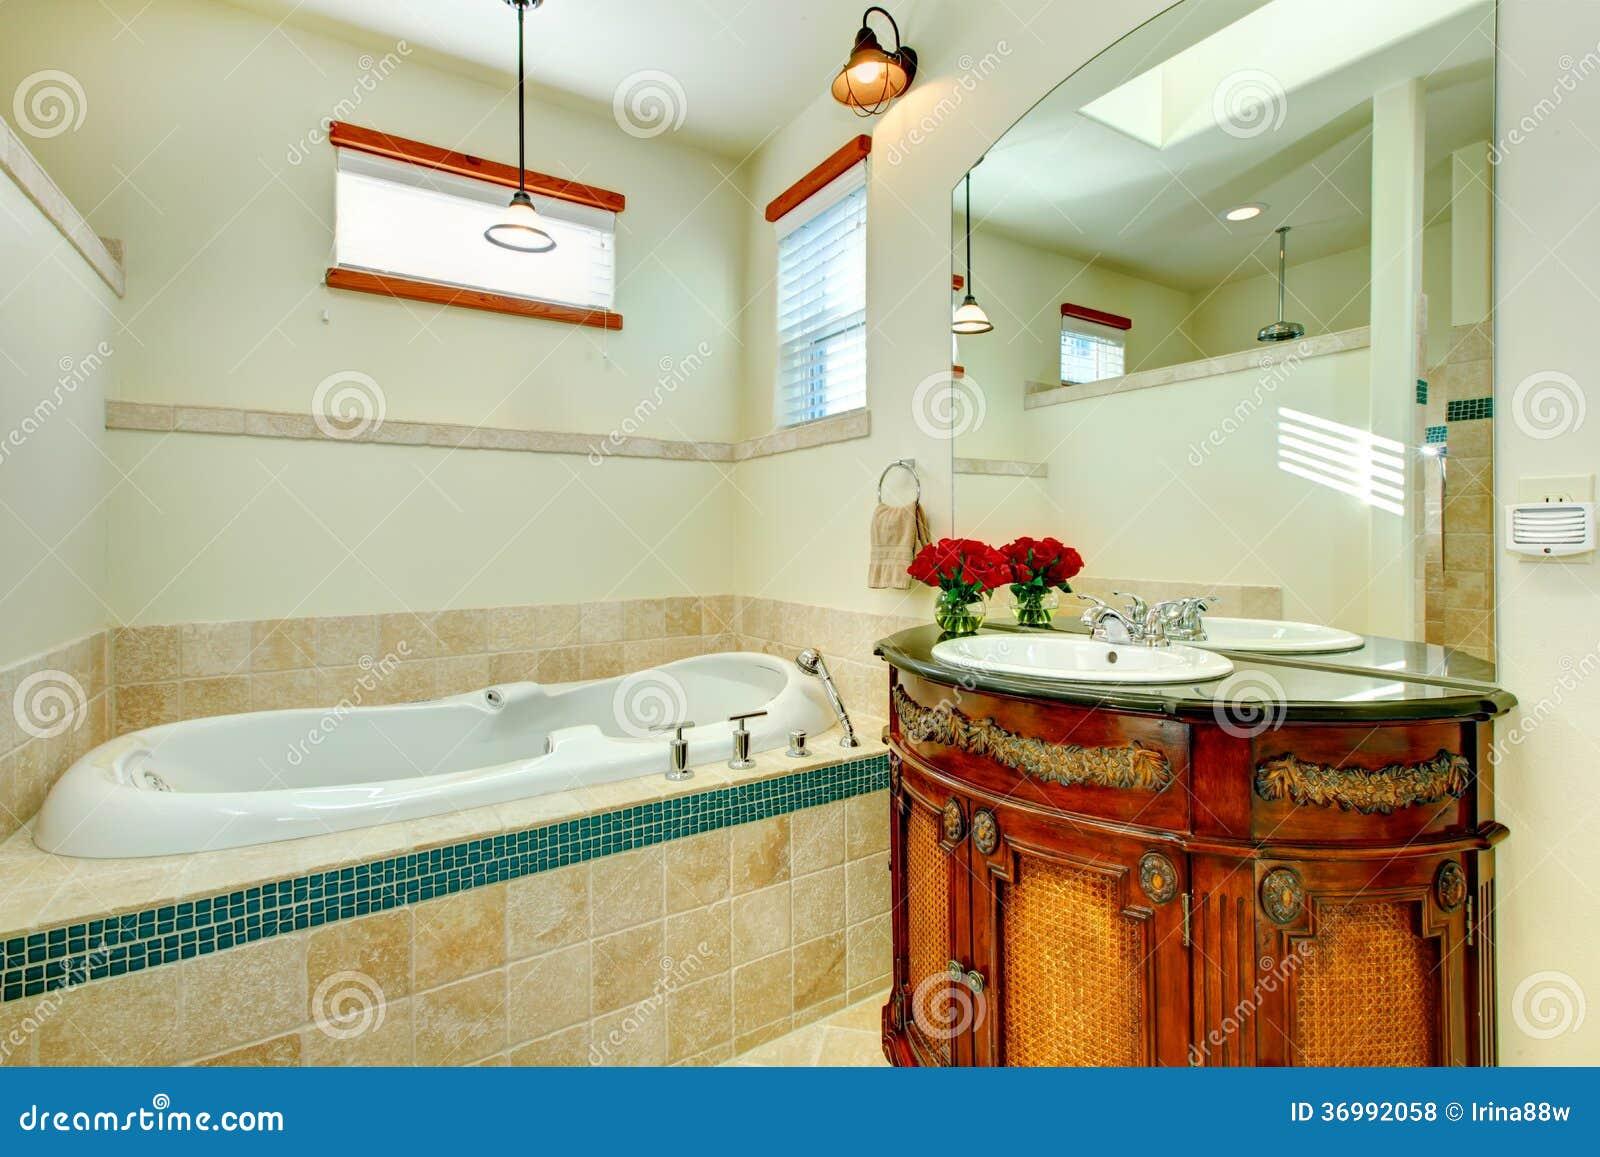 Banheiro Moderno Elegante Com Um Armário De Armazenamento De Madeira Antigo F -> Banheiro Moderno Madeira